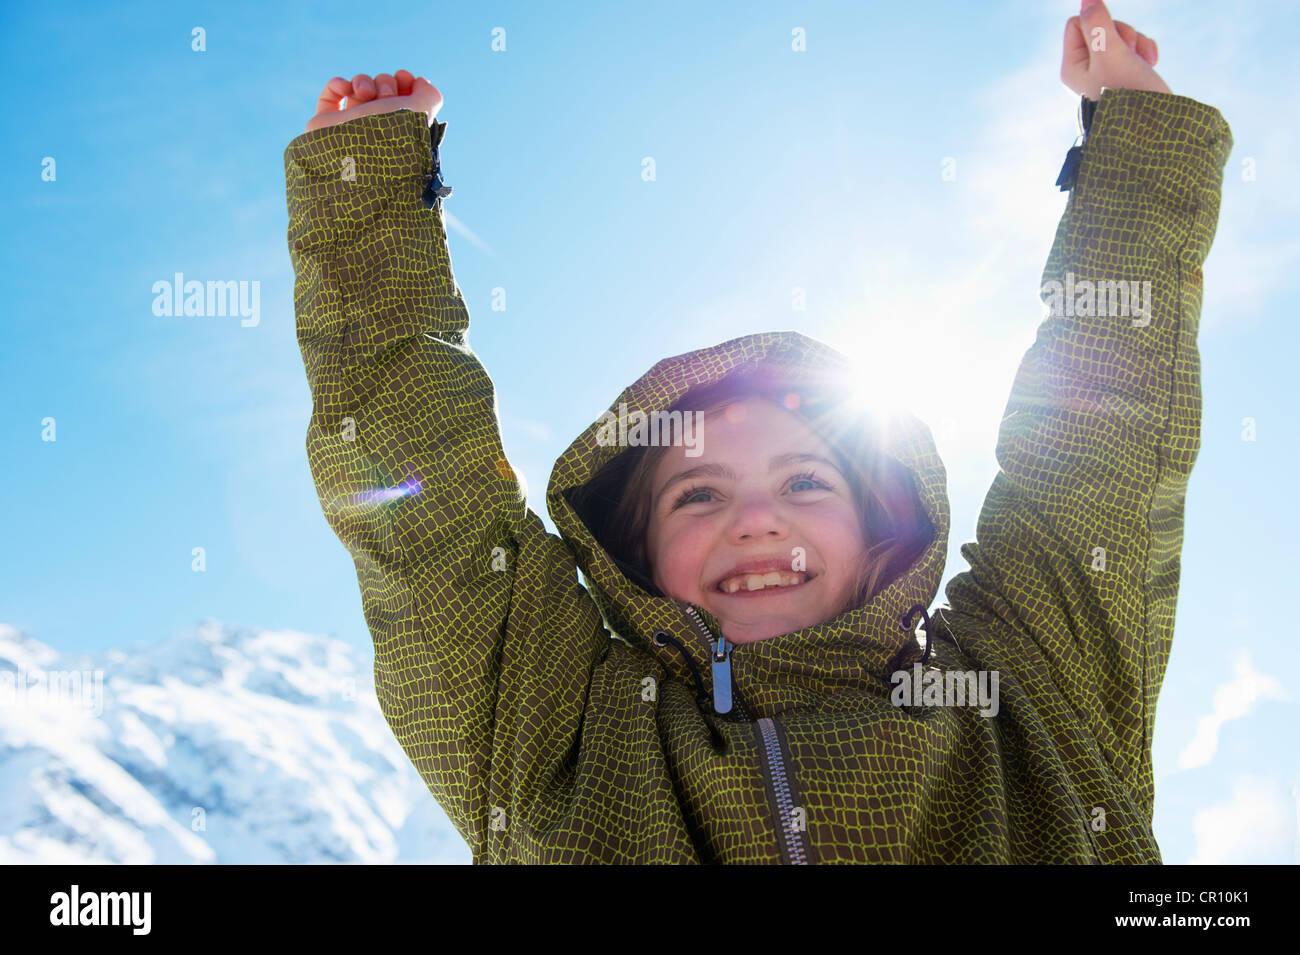 Mädchen auf verschneite Berggipfel jubeln Stockbild